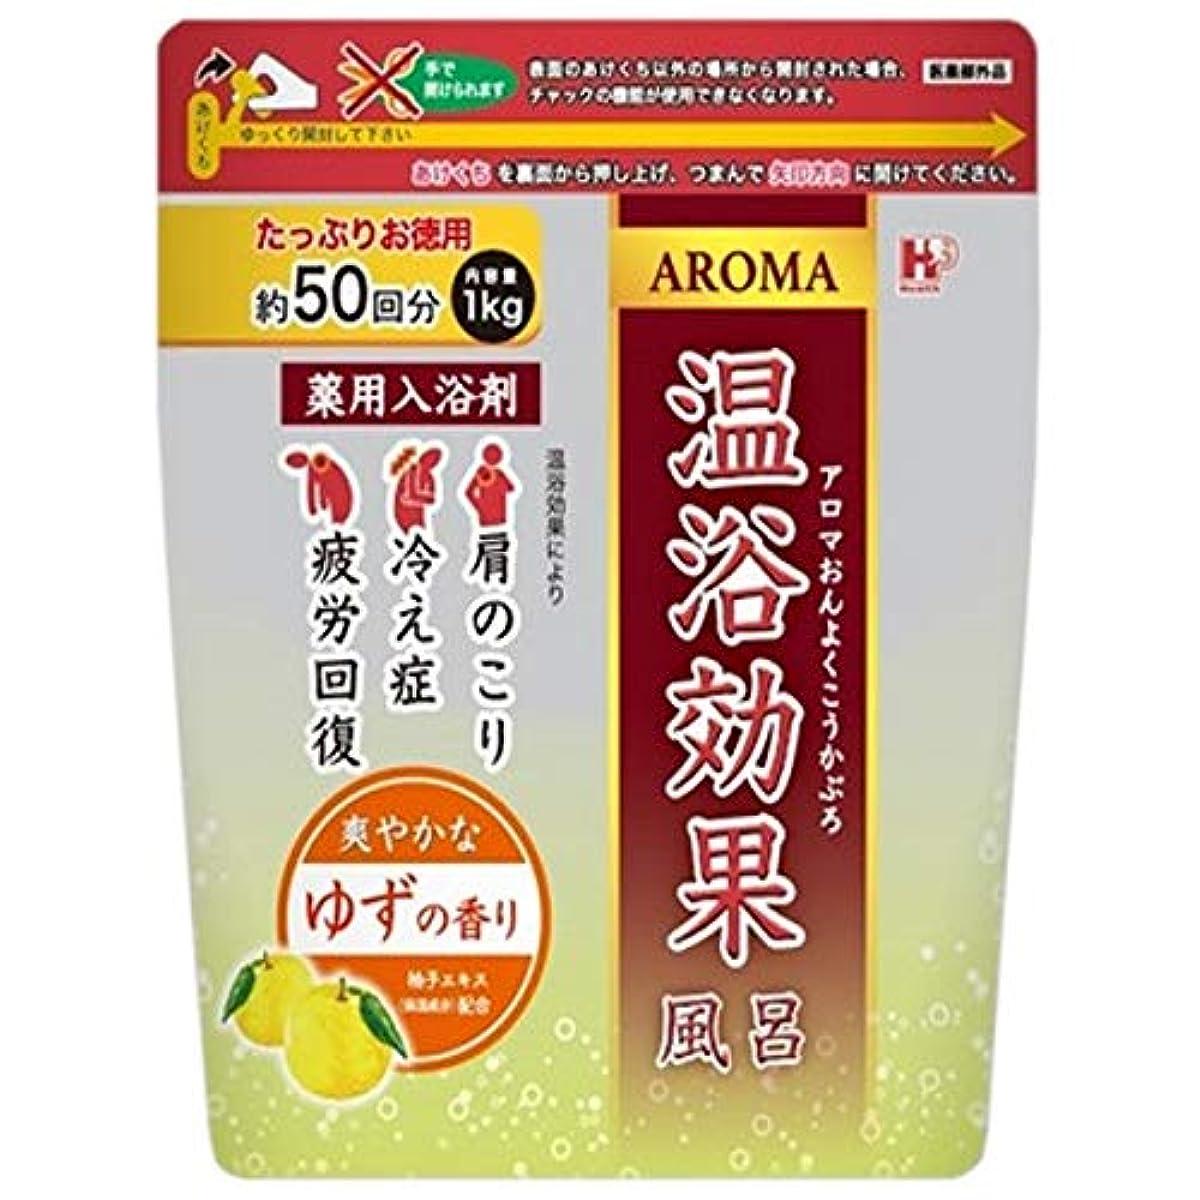 仲良し受け入れ名声薬用入浴剤 アロマ温浴効果風呂 ゆず 1kg×10袋入